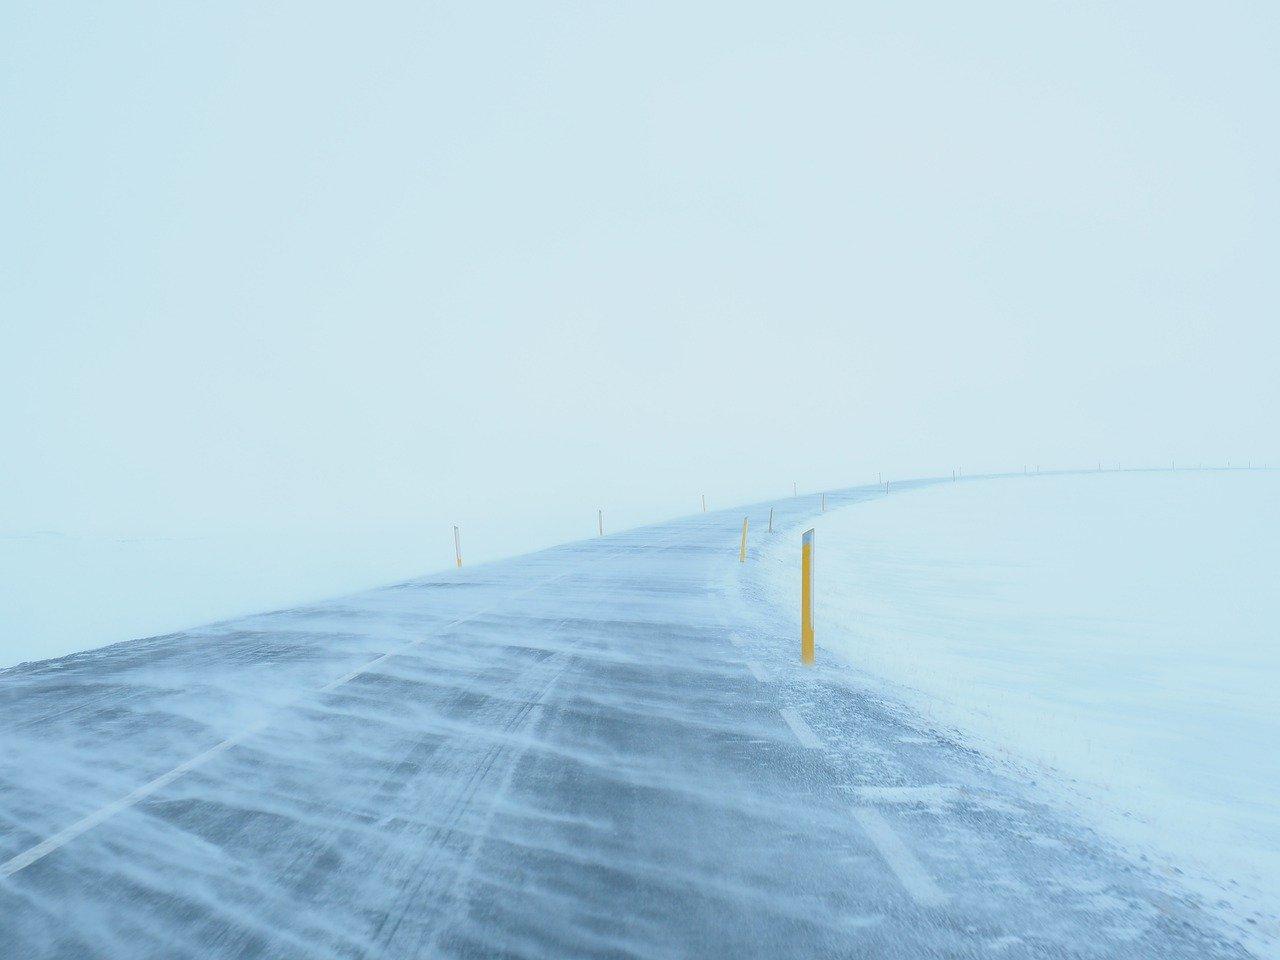 Długoterminowa prognoza pogody pokazuje że luty obfity będzie w opady śniegu oraz silny mróz mogący utrzymać się przez całą dobę